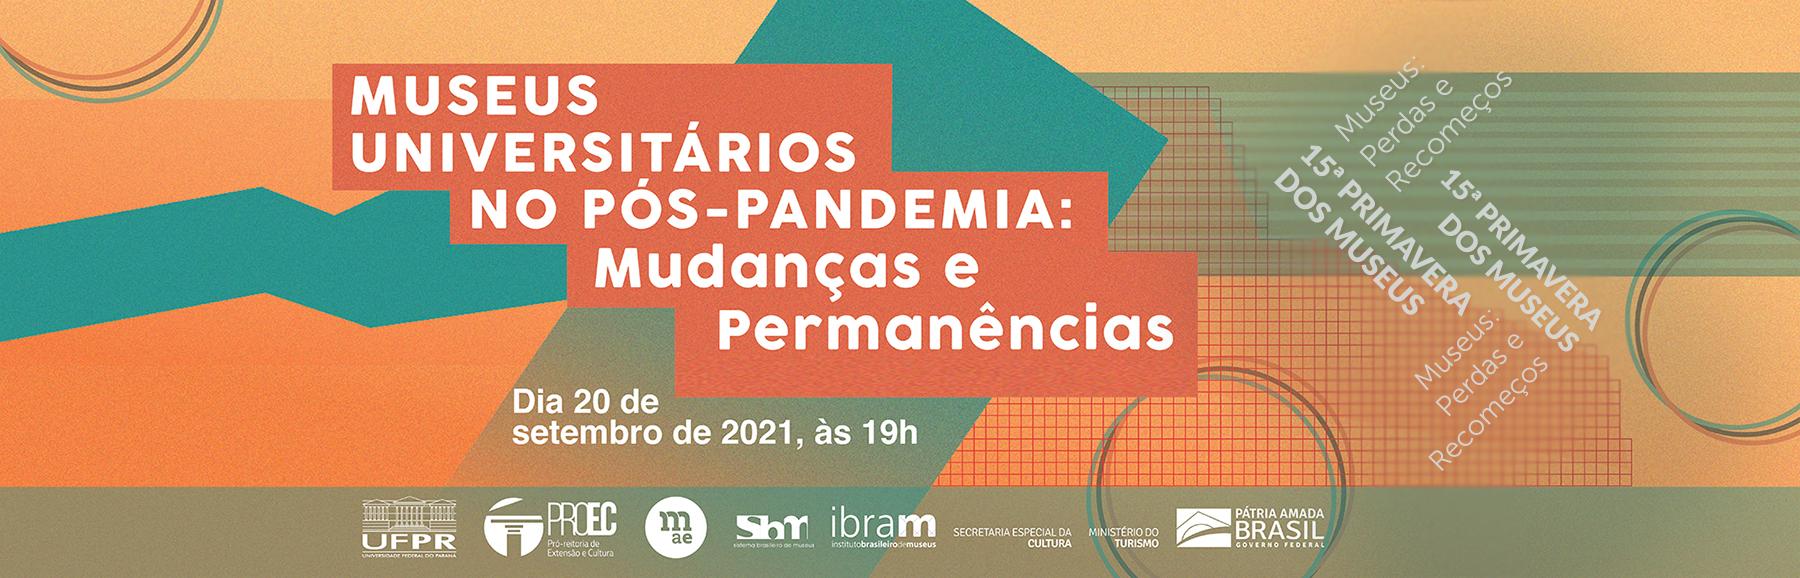 Banner Site MAE COM SELO- Primavera dos Museus 20.09.21